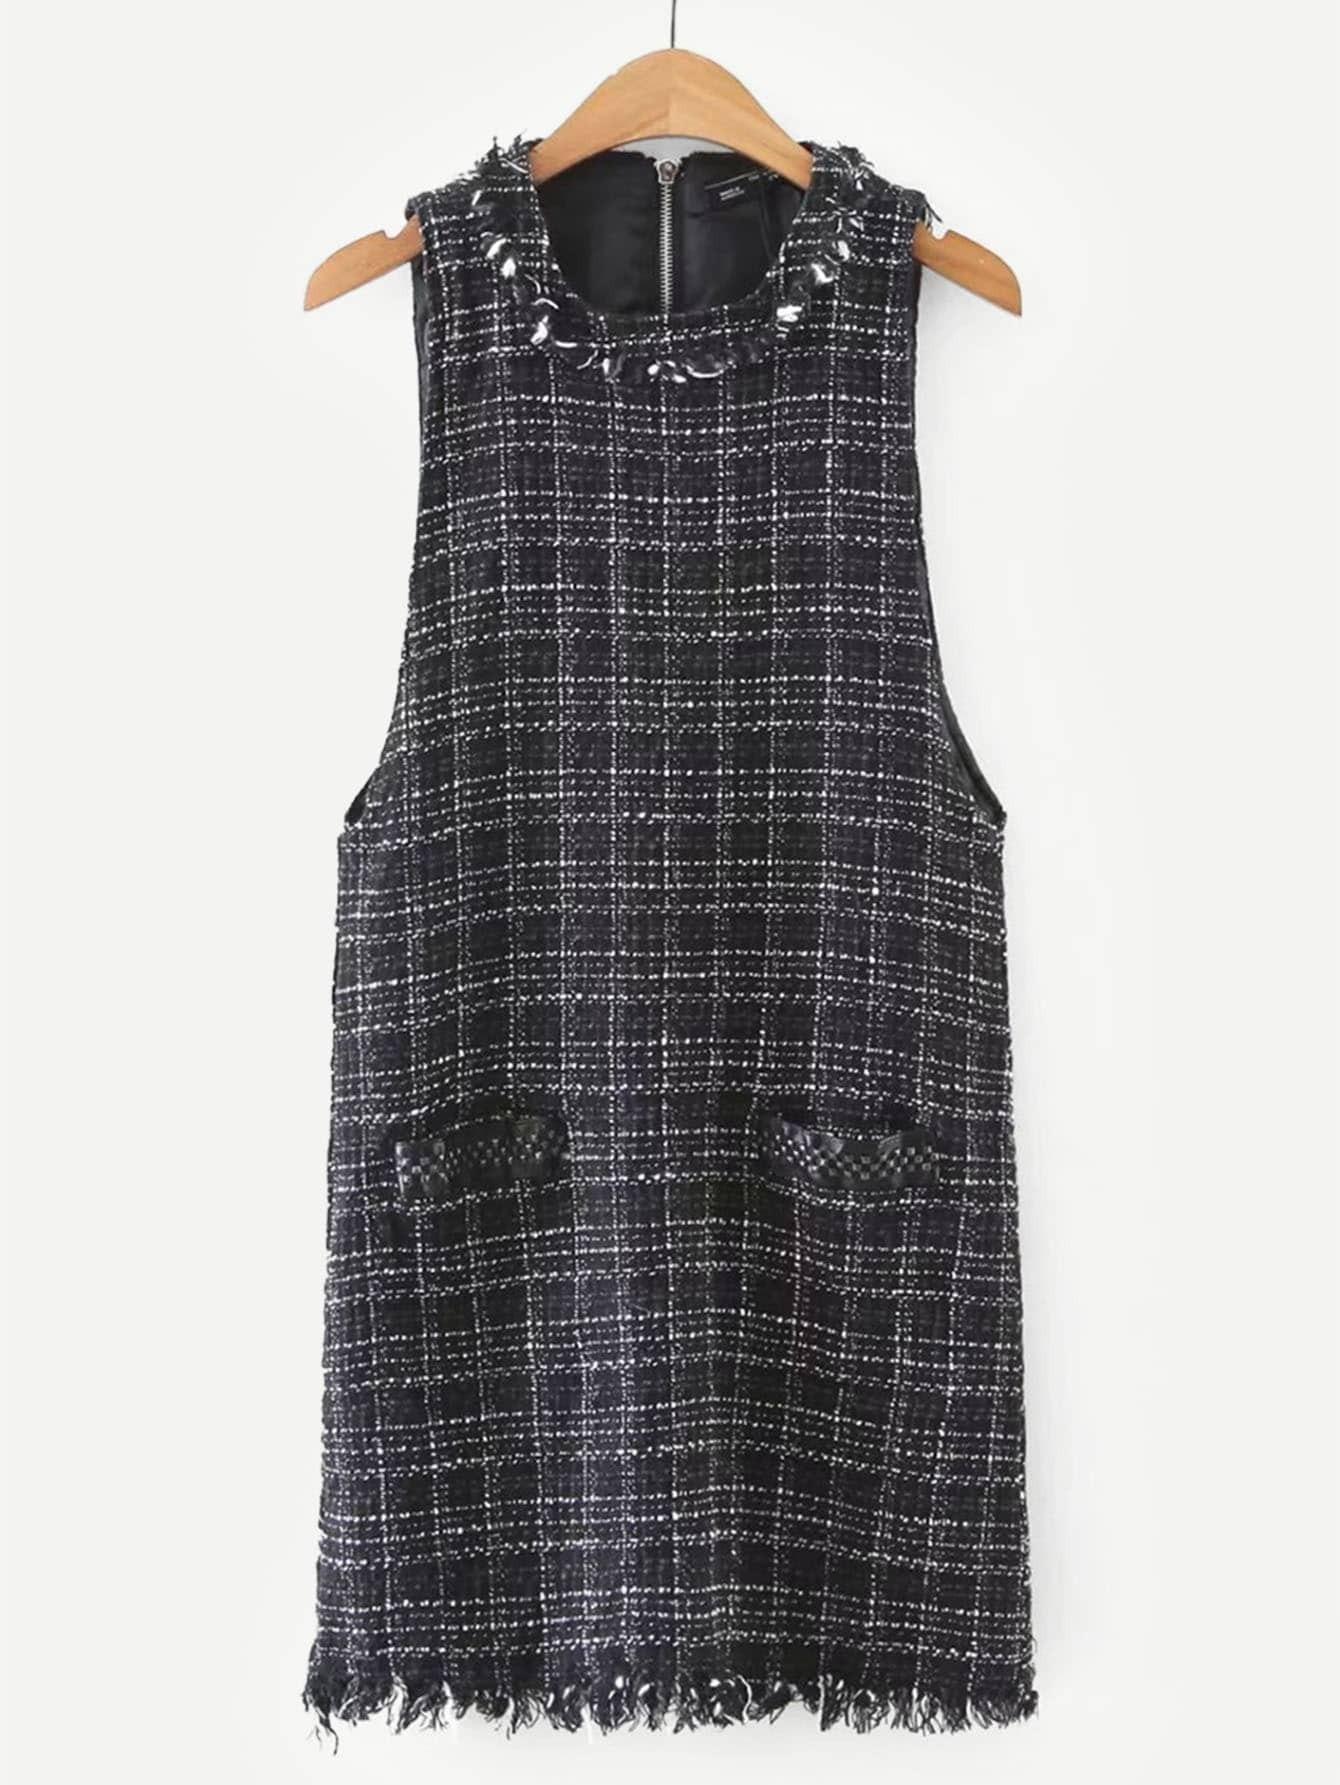 Купить Платье из твида и со сырыми оторочками, null, SheIn